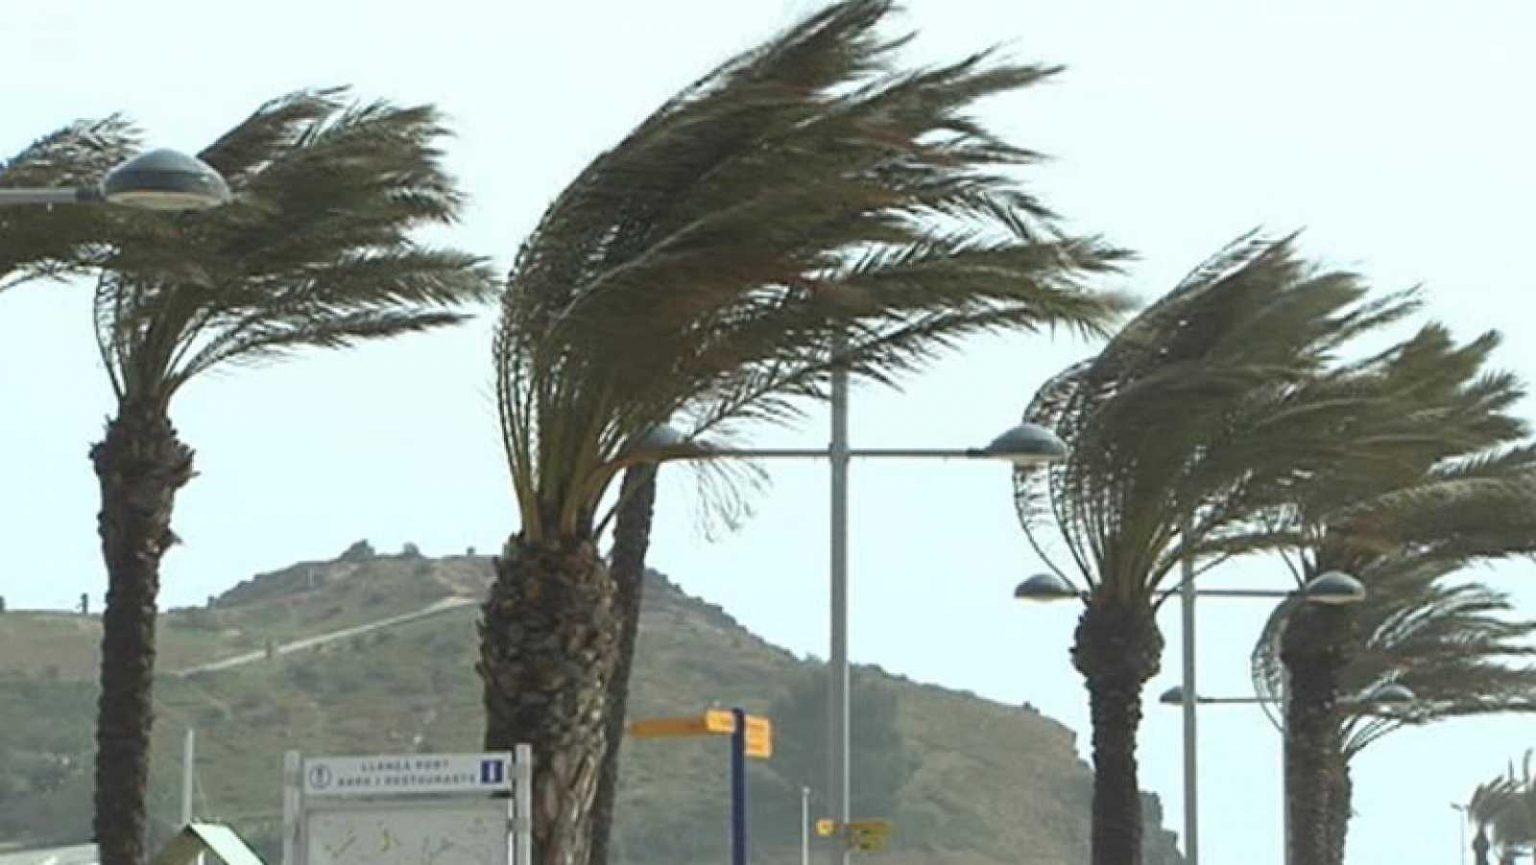 Se declara Alerta Temprana Preventiva para las comunas de Diego de Almagro, Copiapó, Tierra Amarilla y Alto del Carmen por viento